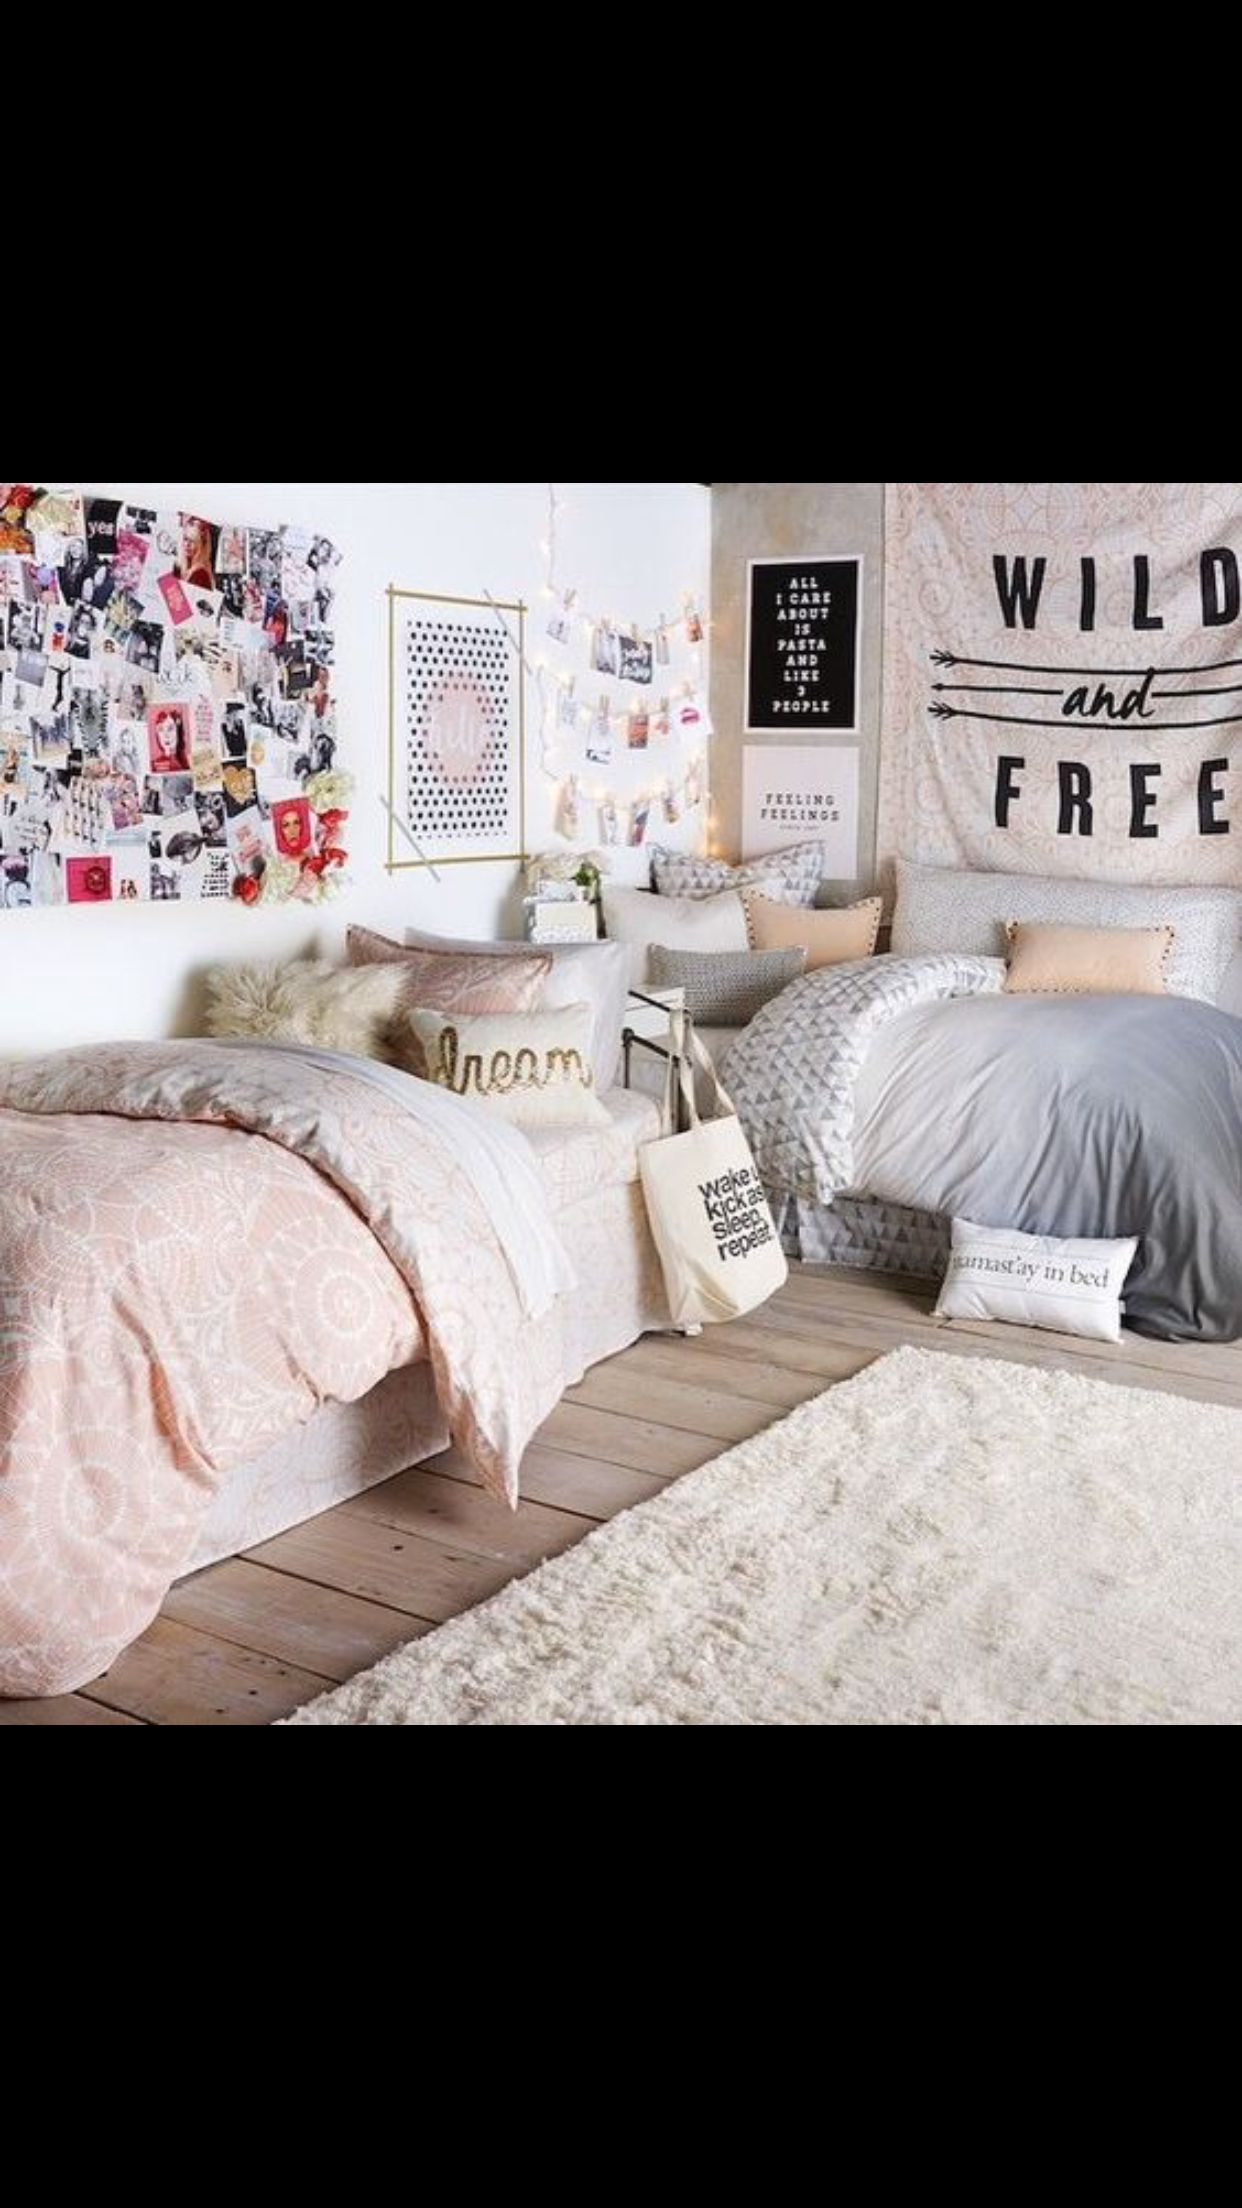 Teenager room ideas / room goals / tumblr | Room ideas | Pinterest